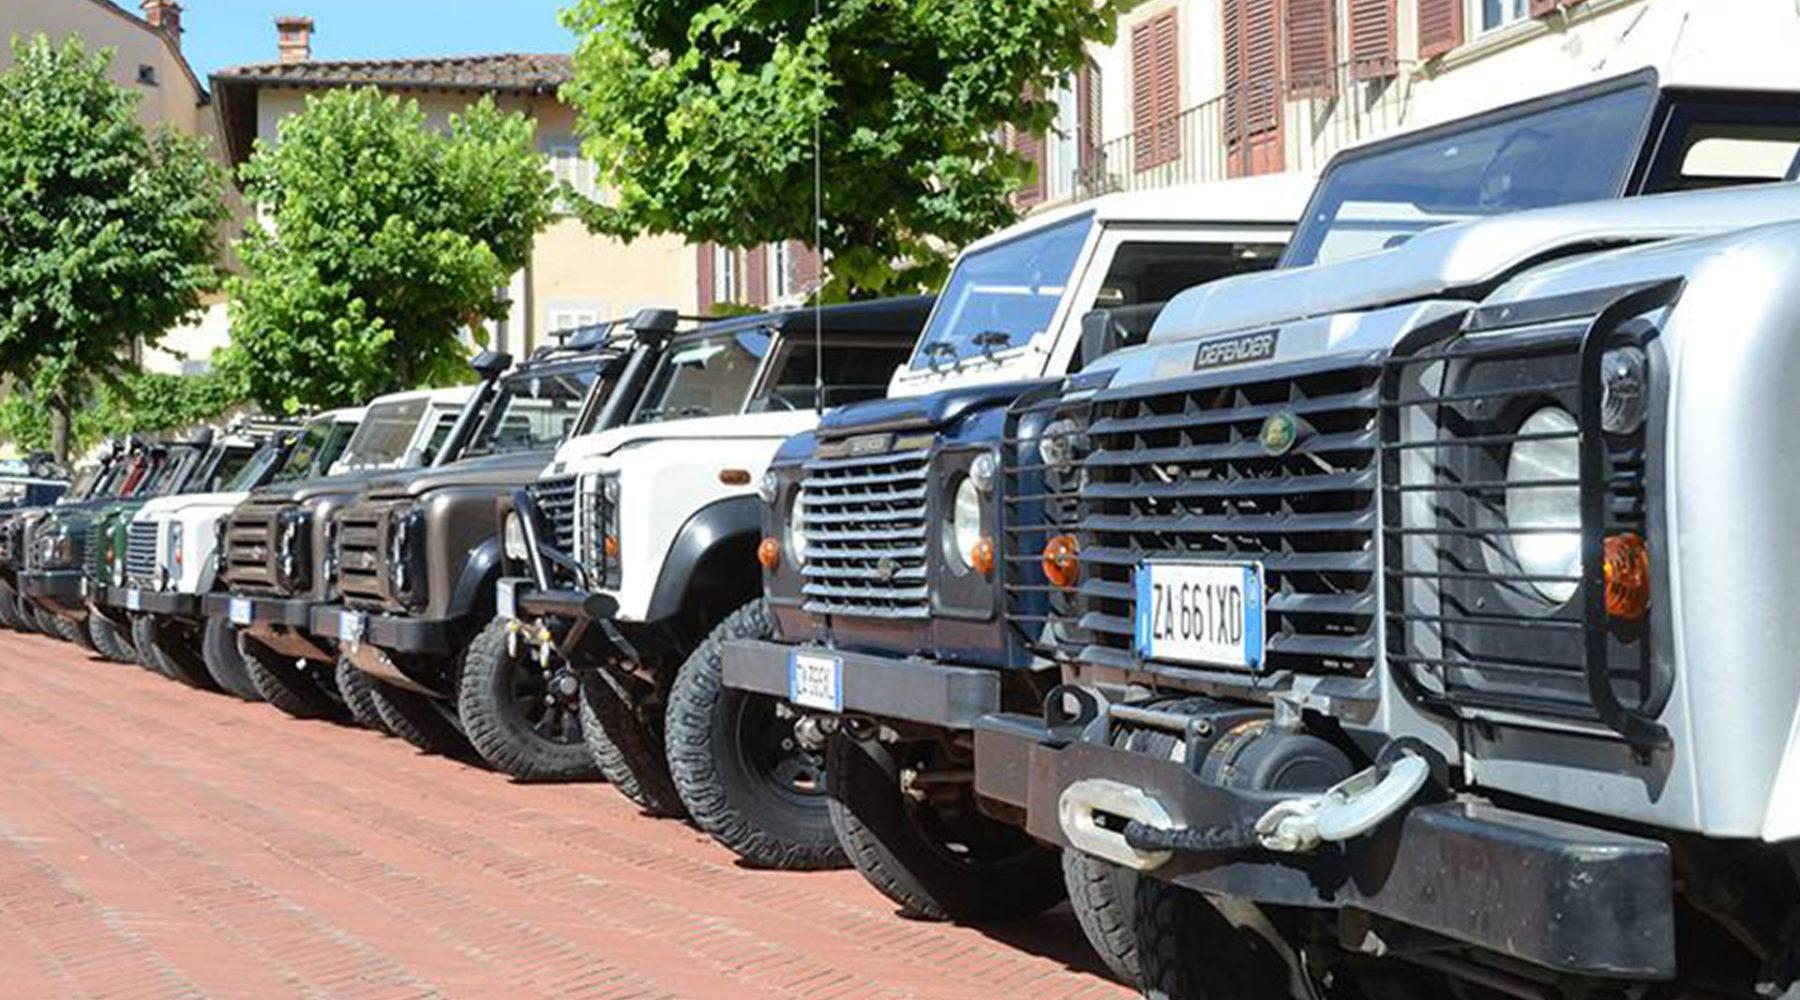 LRD-toscana-arezzo-land-rover-experience-italia